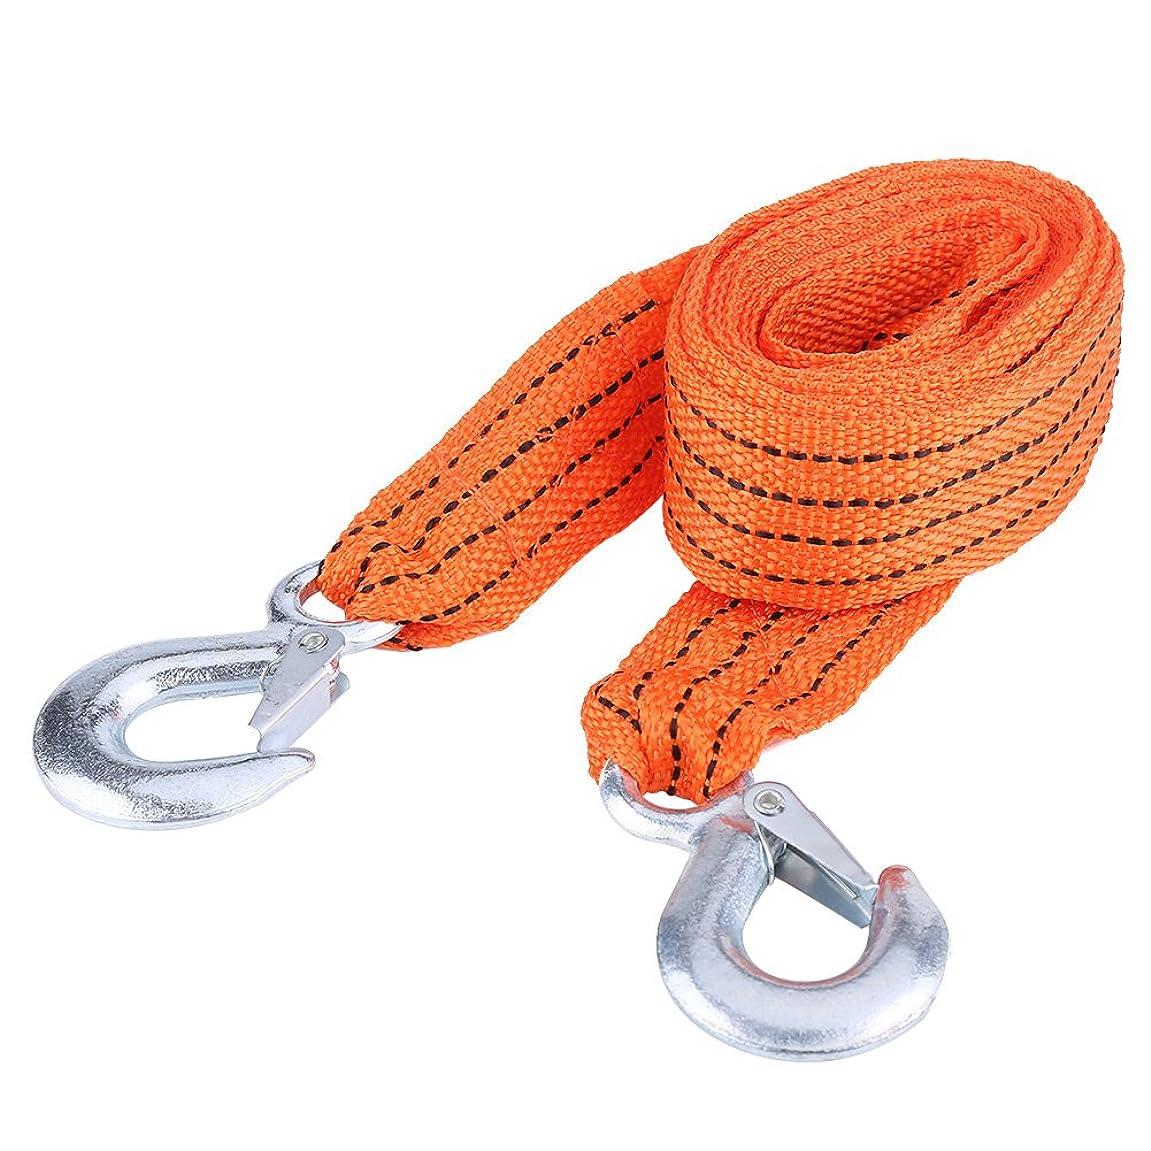 思い出すウォルターカニンガム反応するQiilu 牽引ロープ 牽引ケーブルフック  緊急ロープ 3トン フック 付き  4m